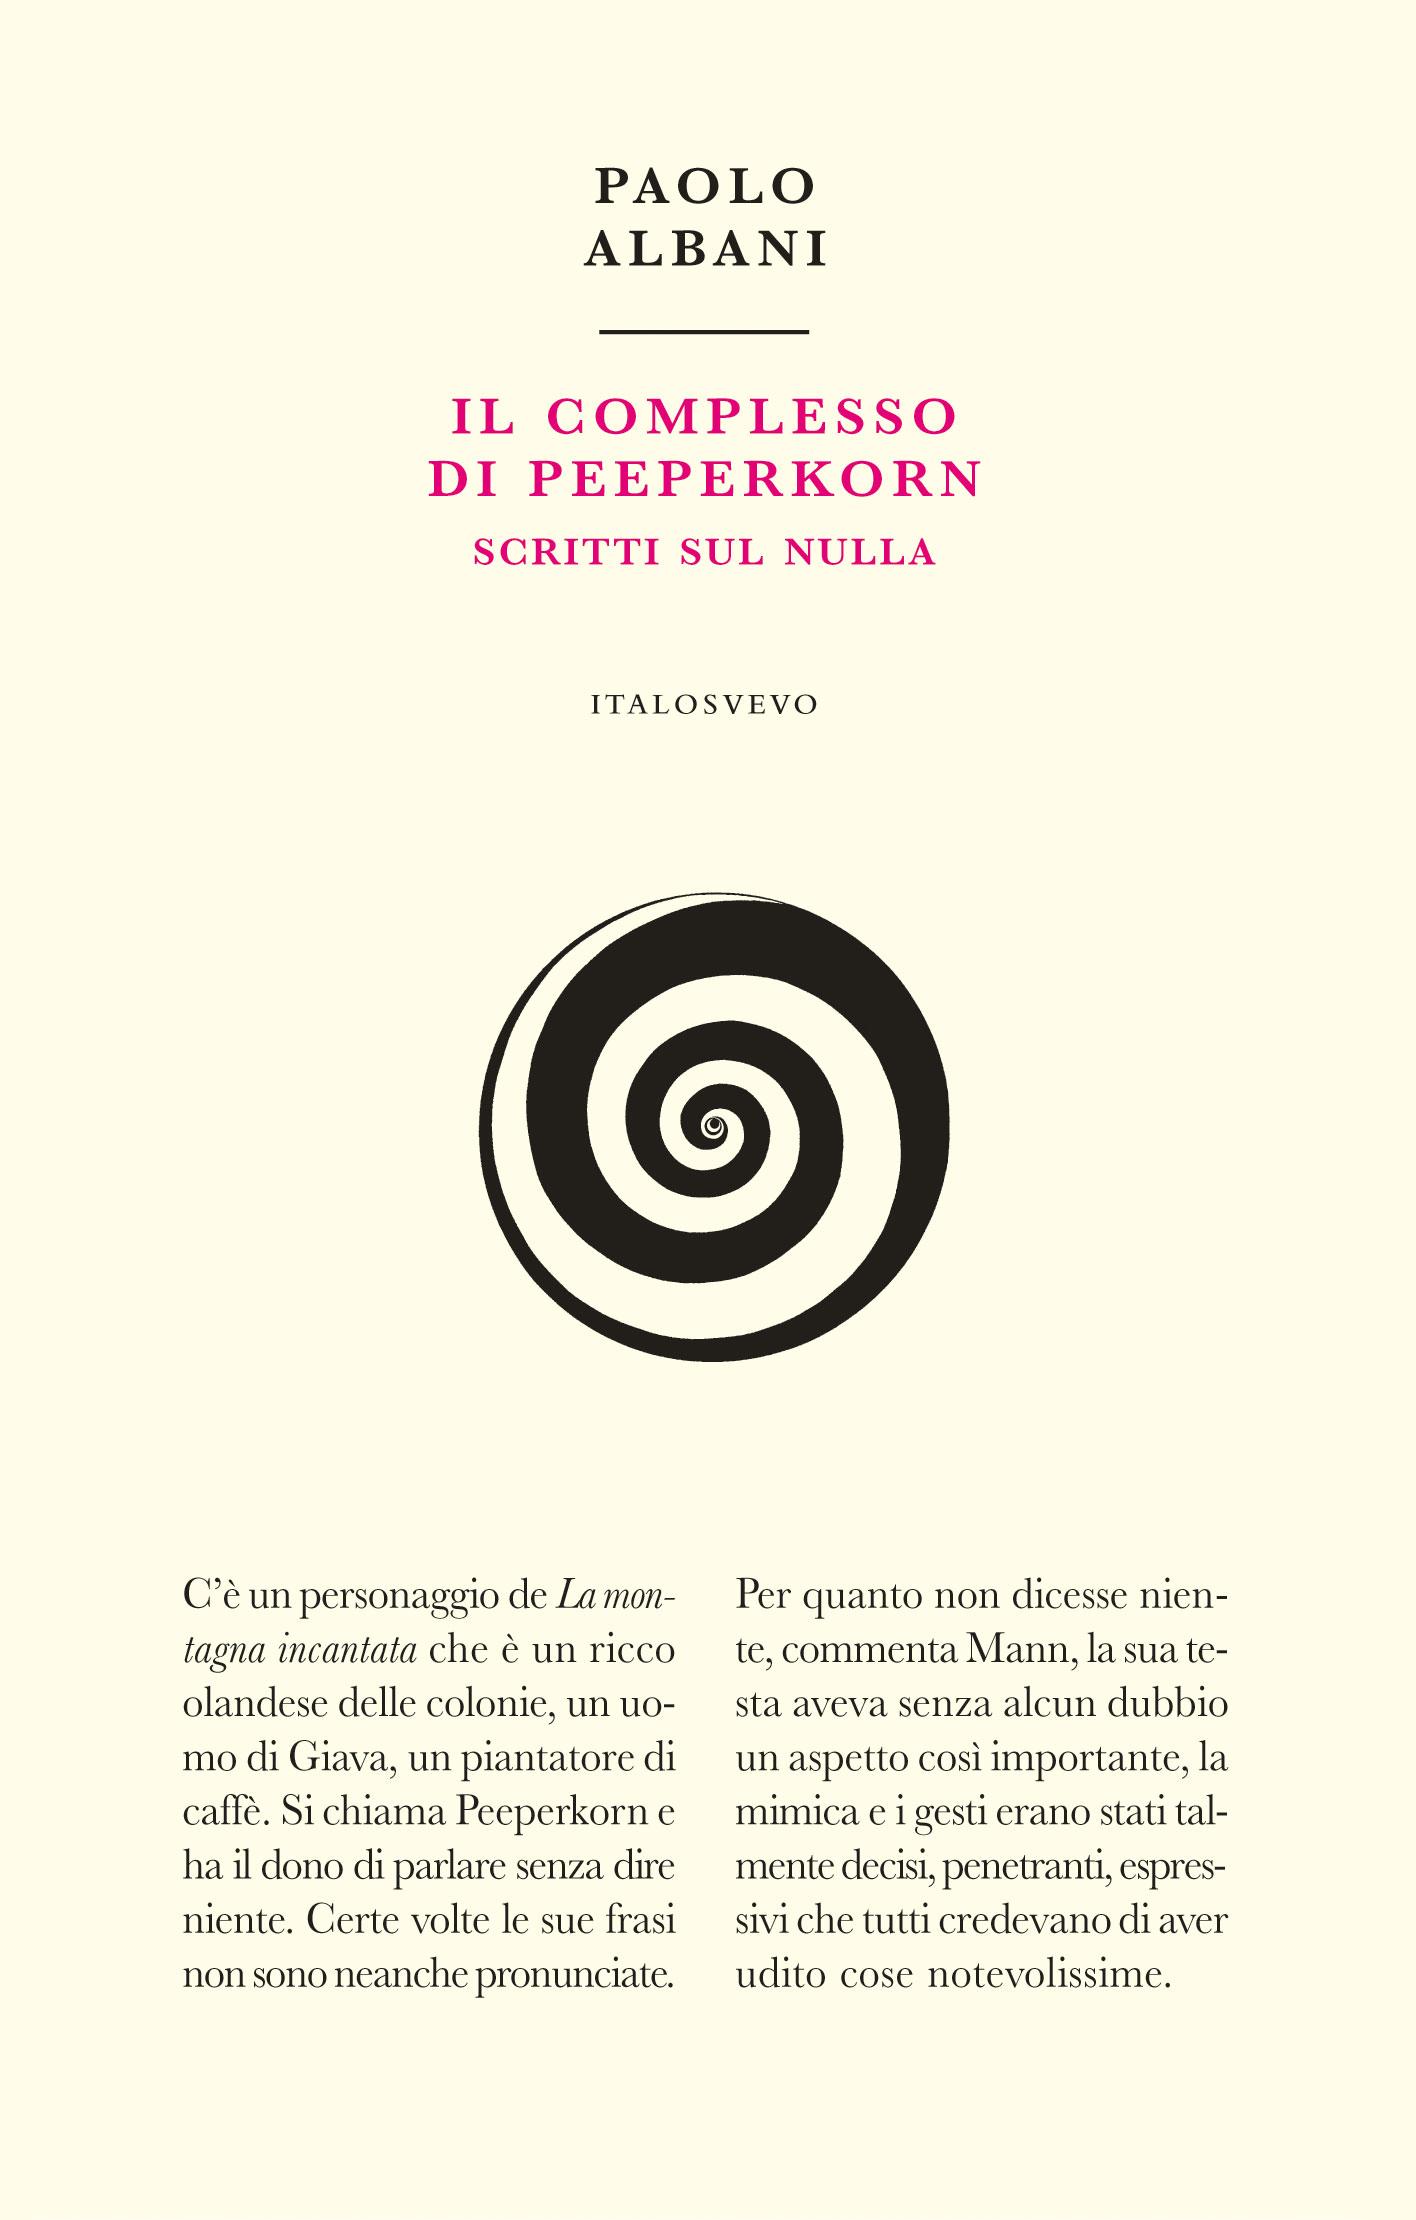 Italo Svevo Edizioni - Il complesso di Peeperkorn - Albani